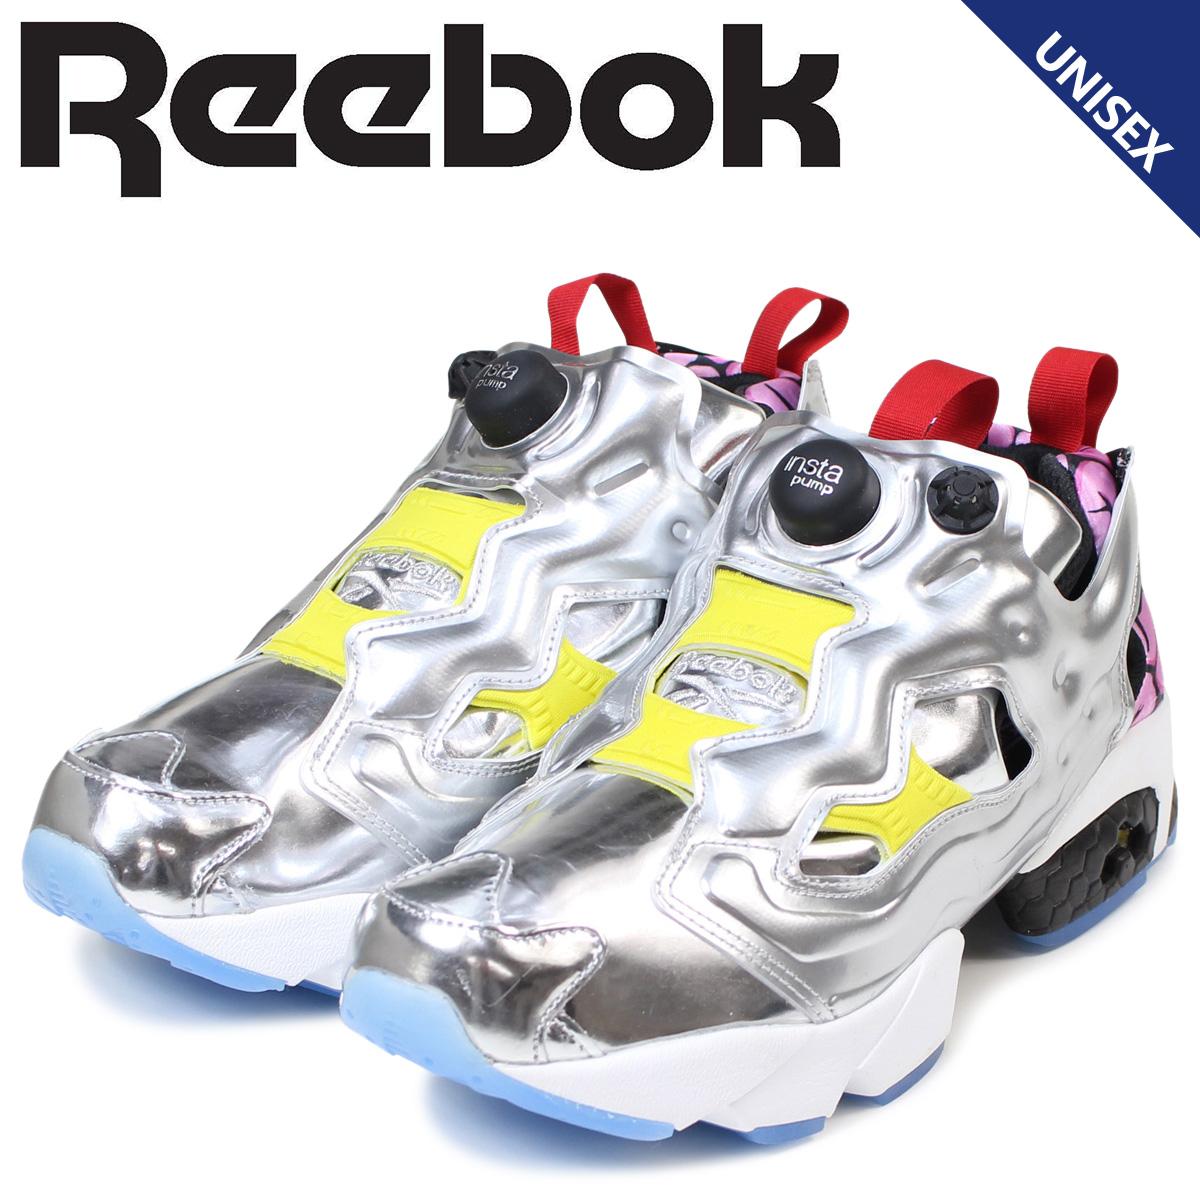 reebok pump technology